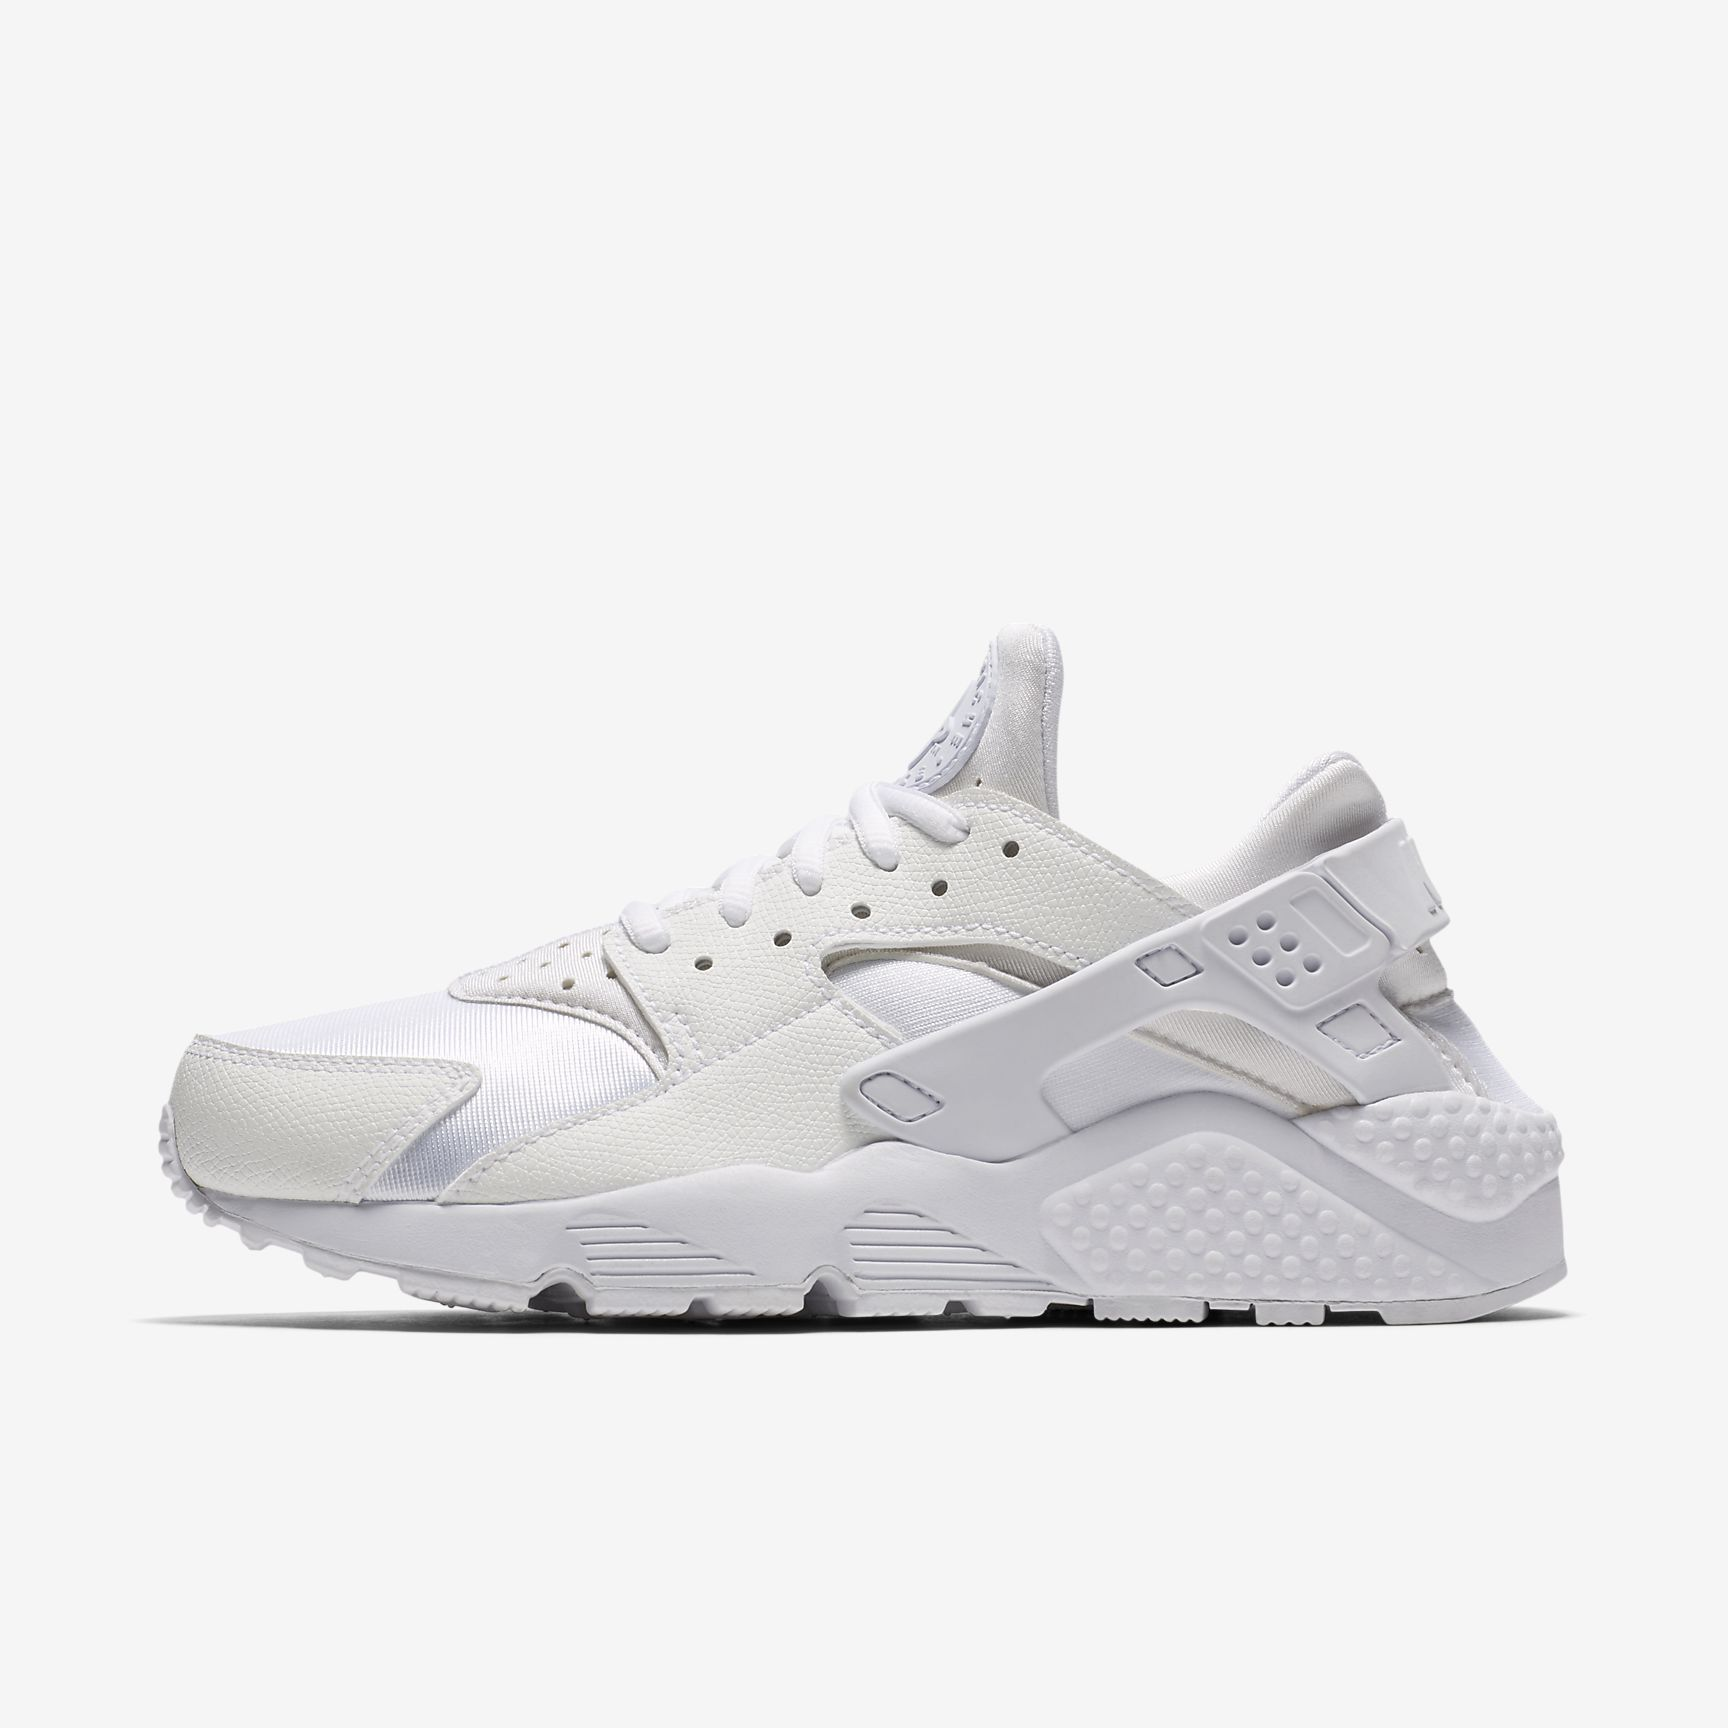 Chaussures Huarache Air Femme Blancblanc Nike r6rPzq